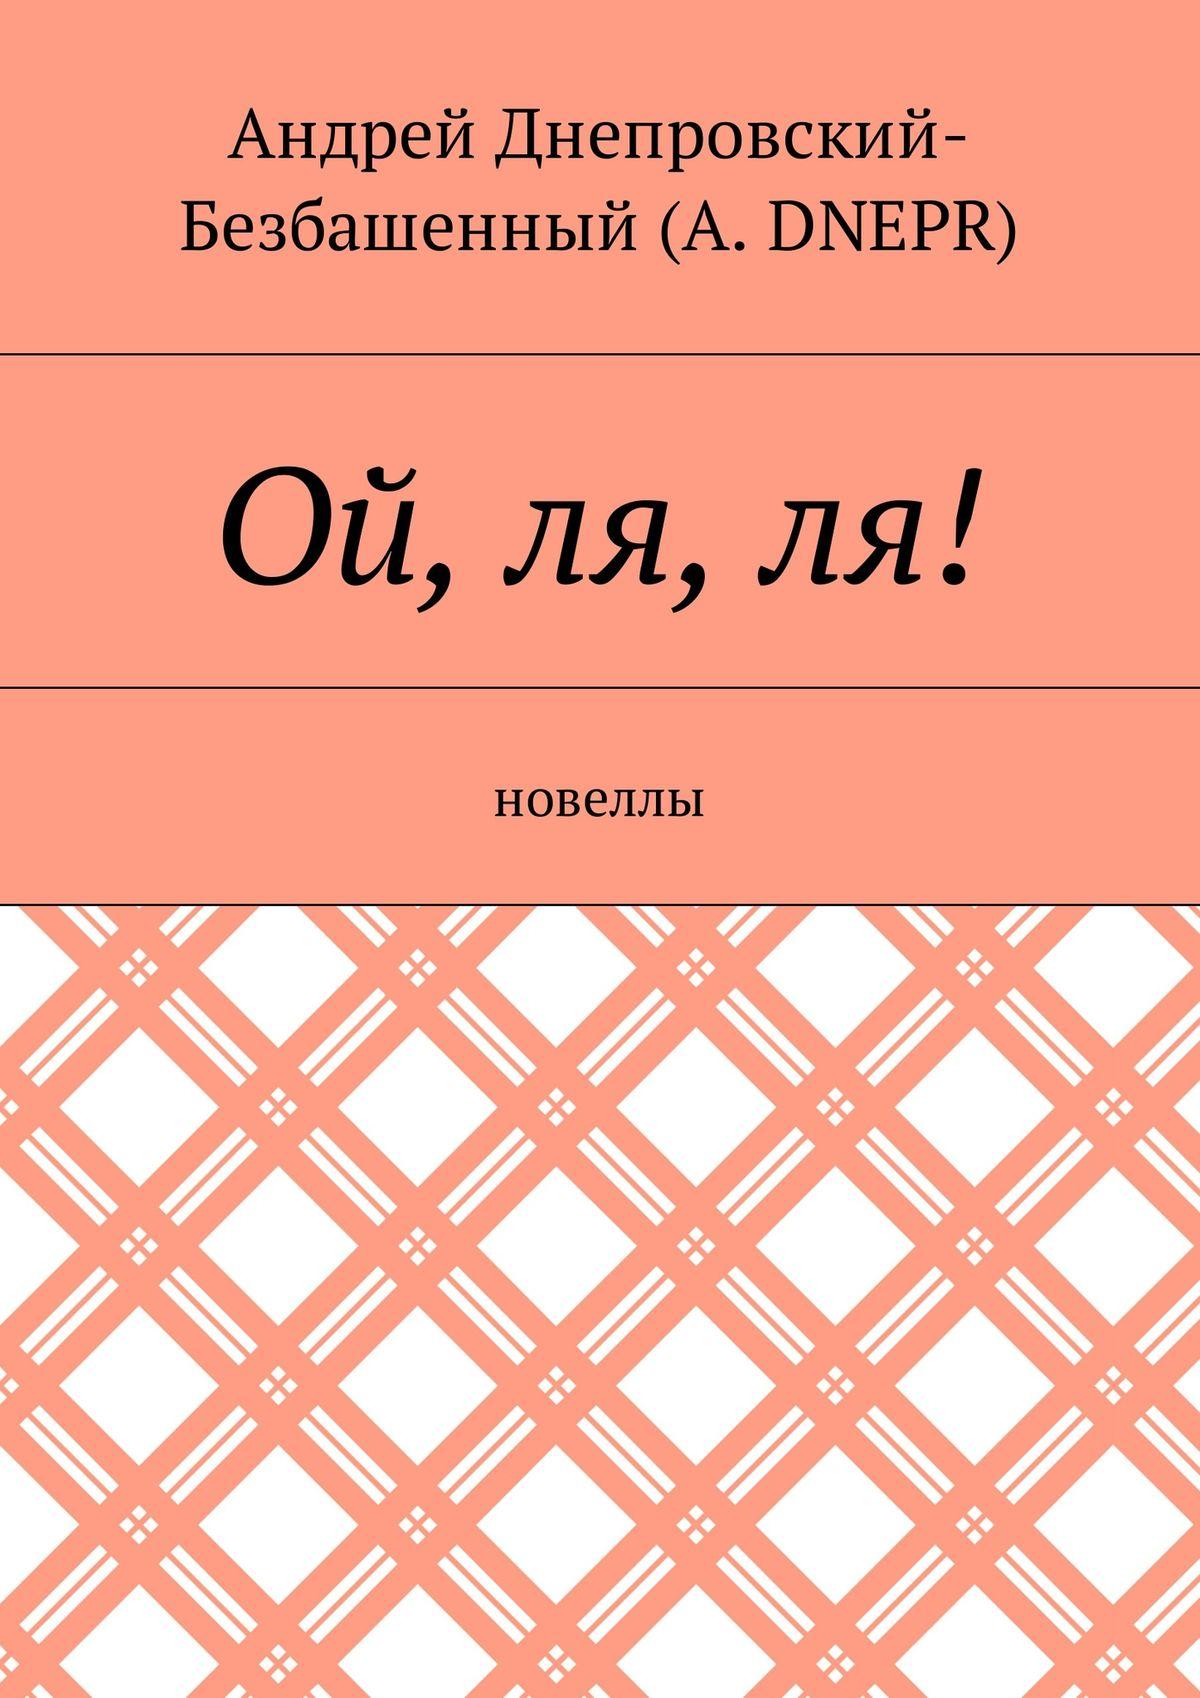 Андрей Днепровский-Безбашенный (A.DNEPR) Ой, ля,ля! Новеллы меддау с марта ля ля ля